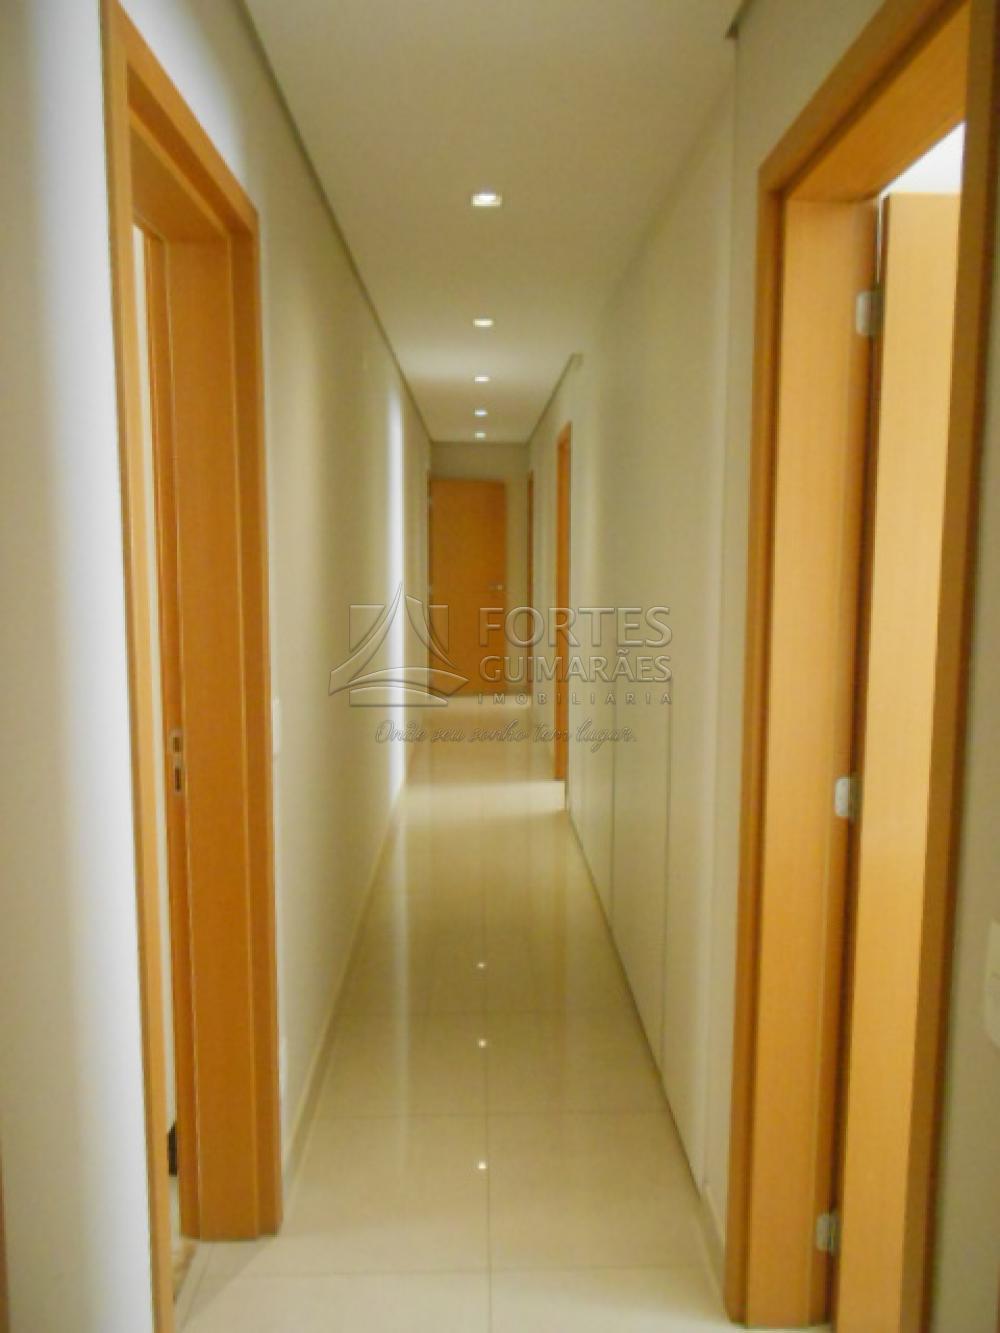 Alugar Apartamentos / Padrão em Ribeirão Preto apenas R$ 8.500,00 - Foto 21